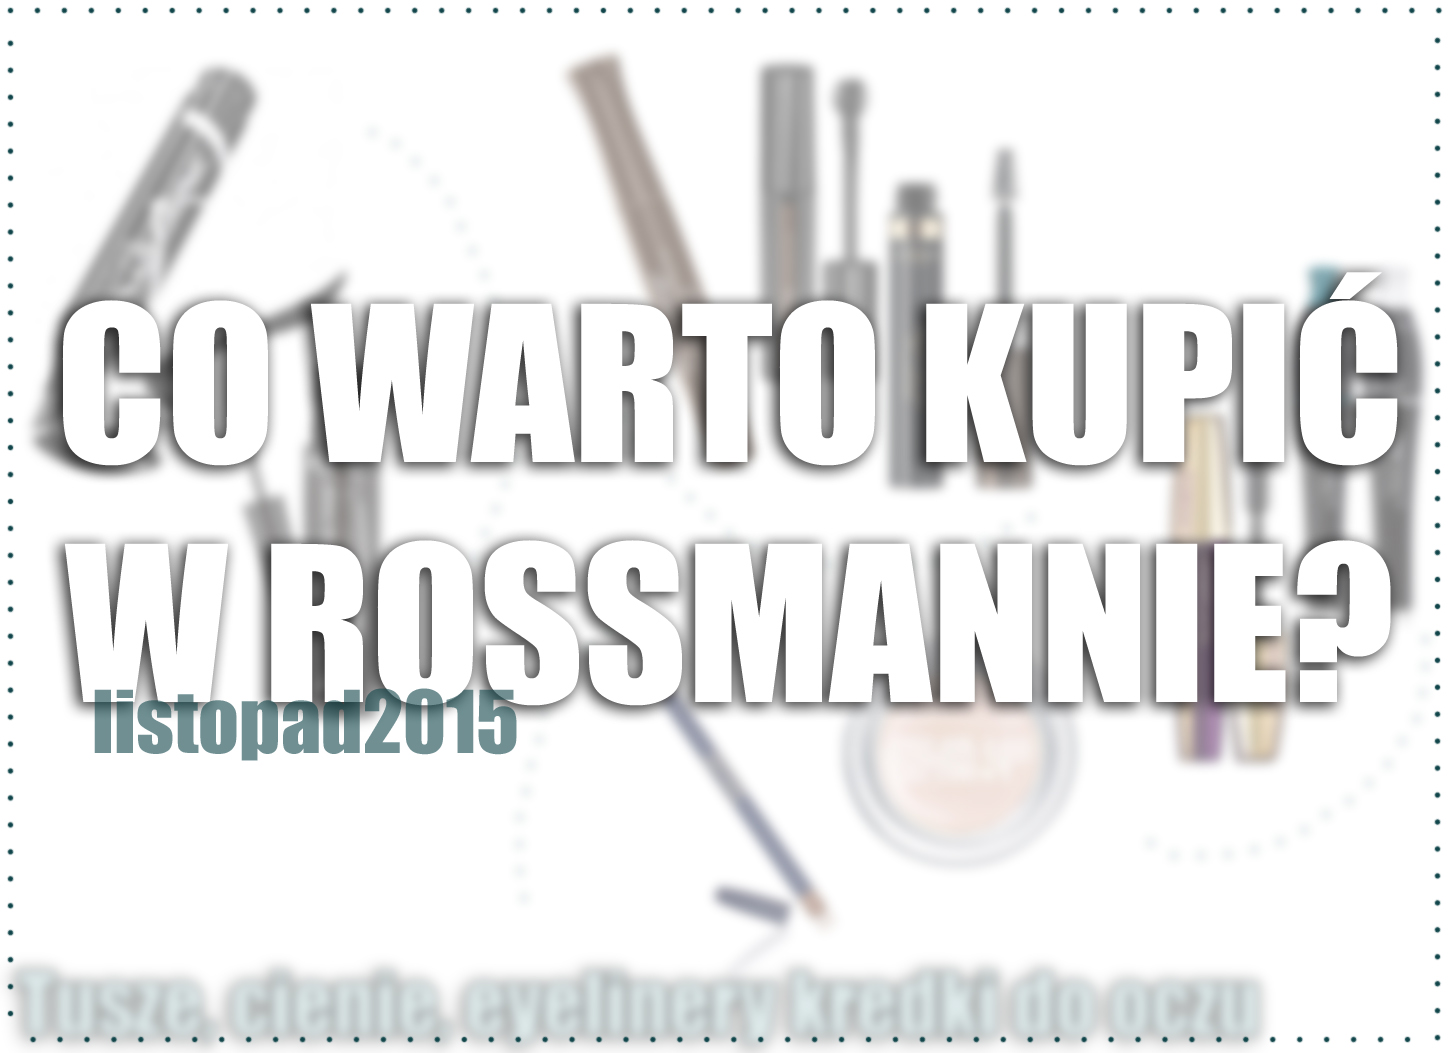 Co warto kupić w Rossmannie?   produkty do oczu -49%